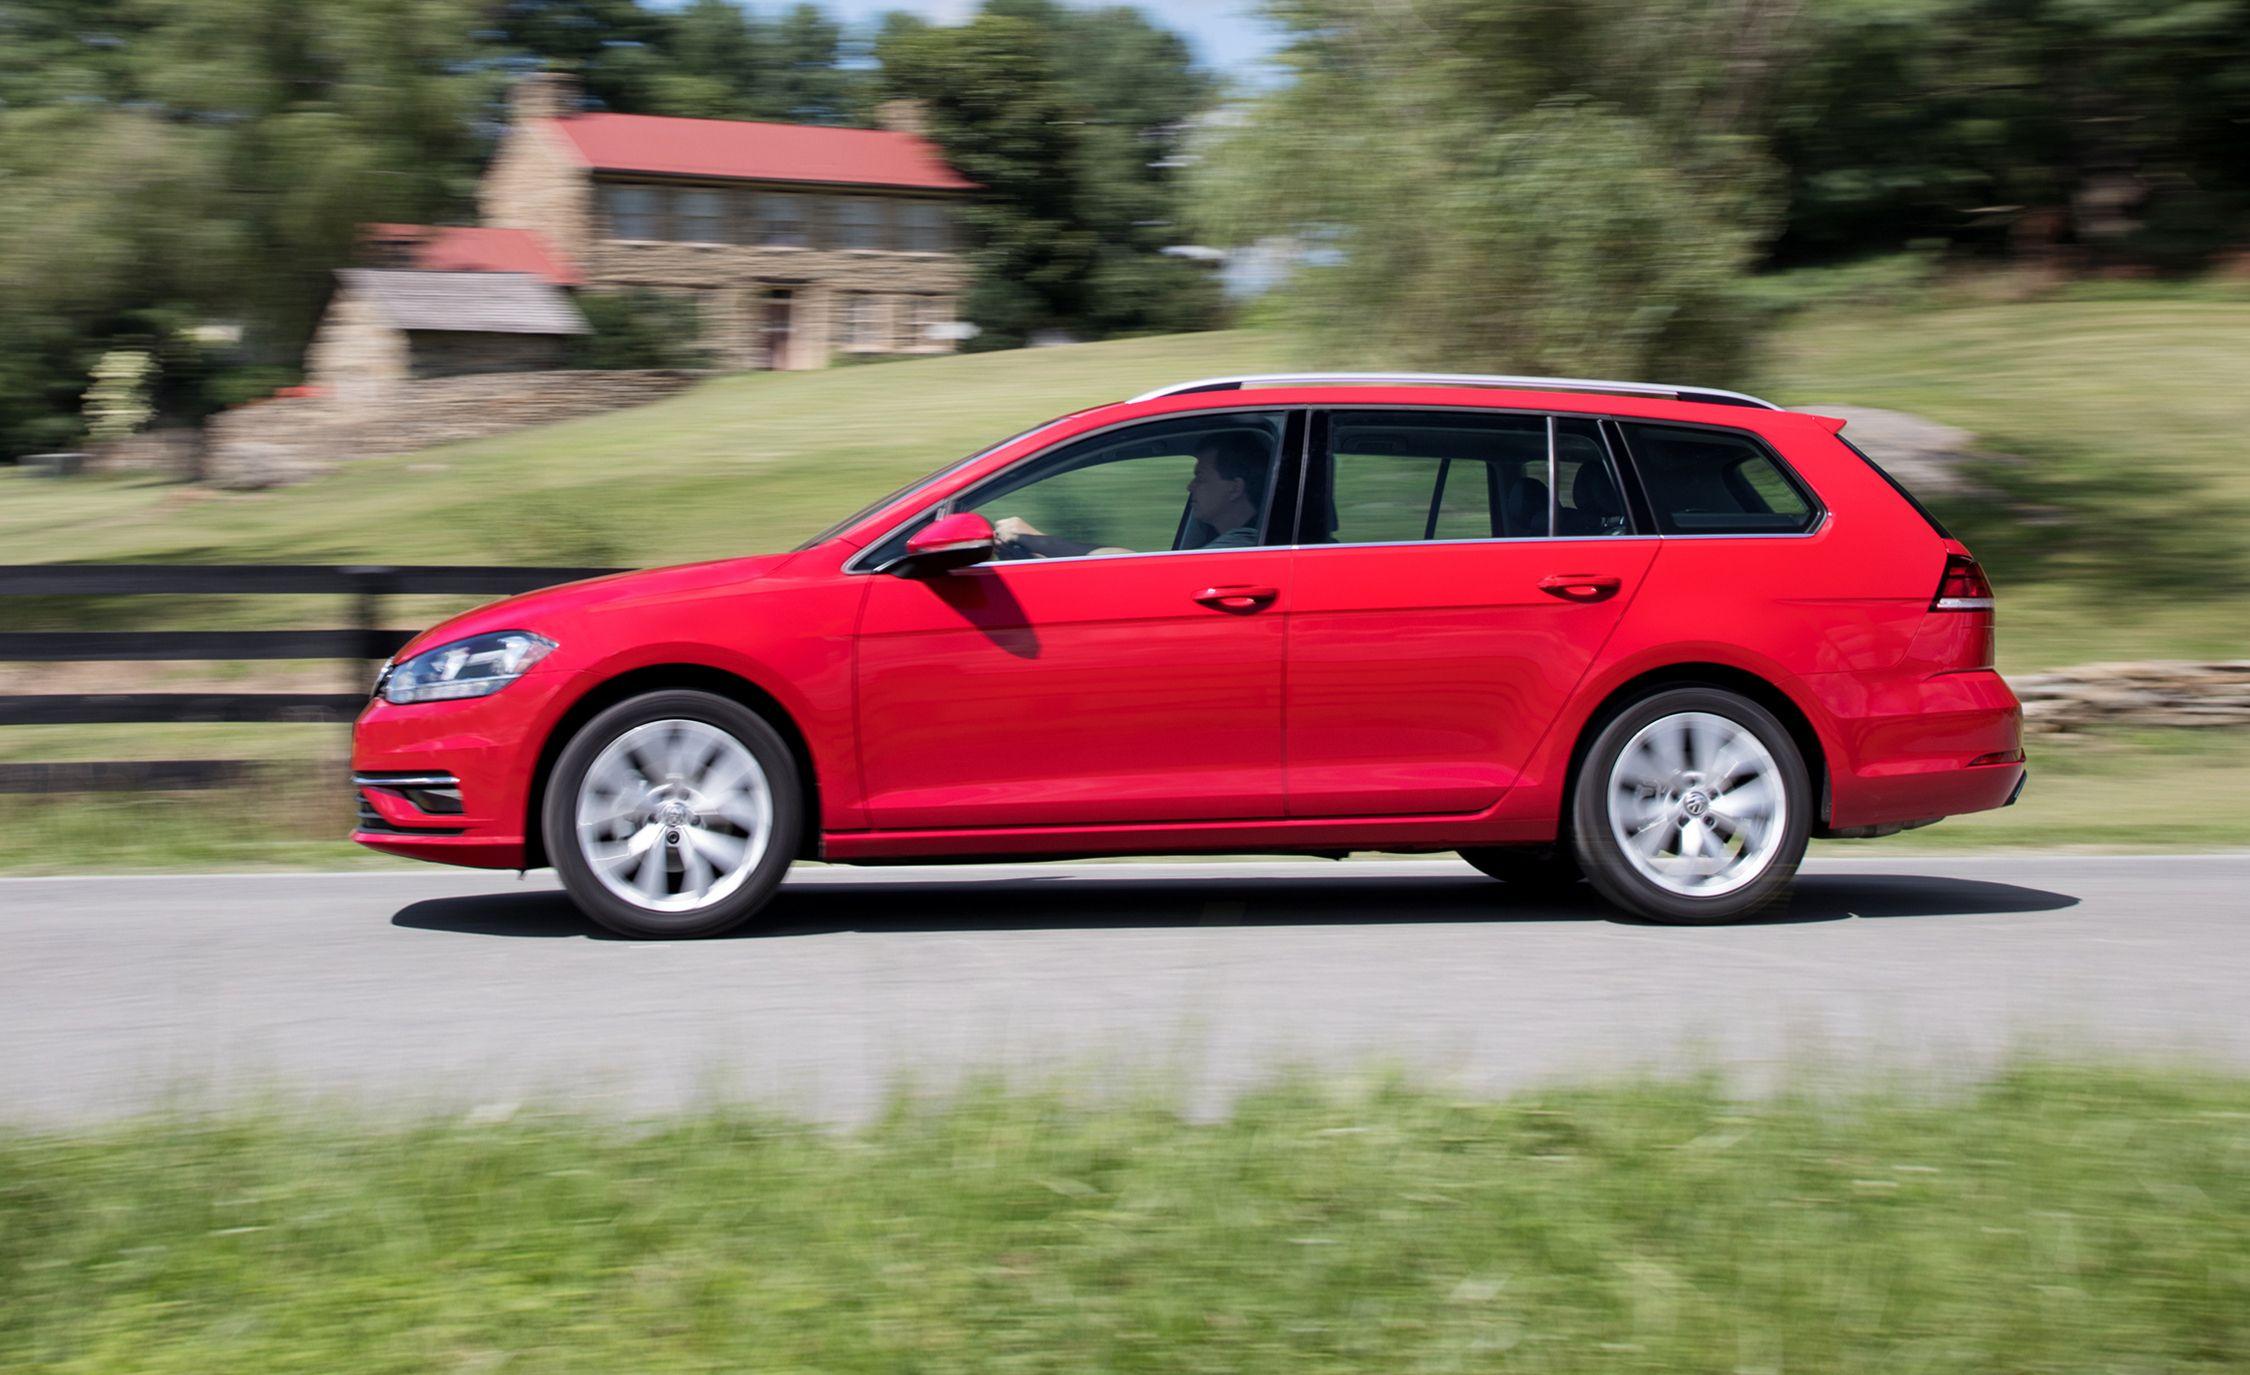 Volkswagen jetta sportwagen reviews